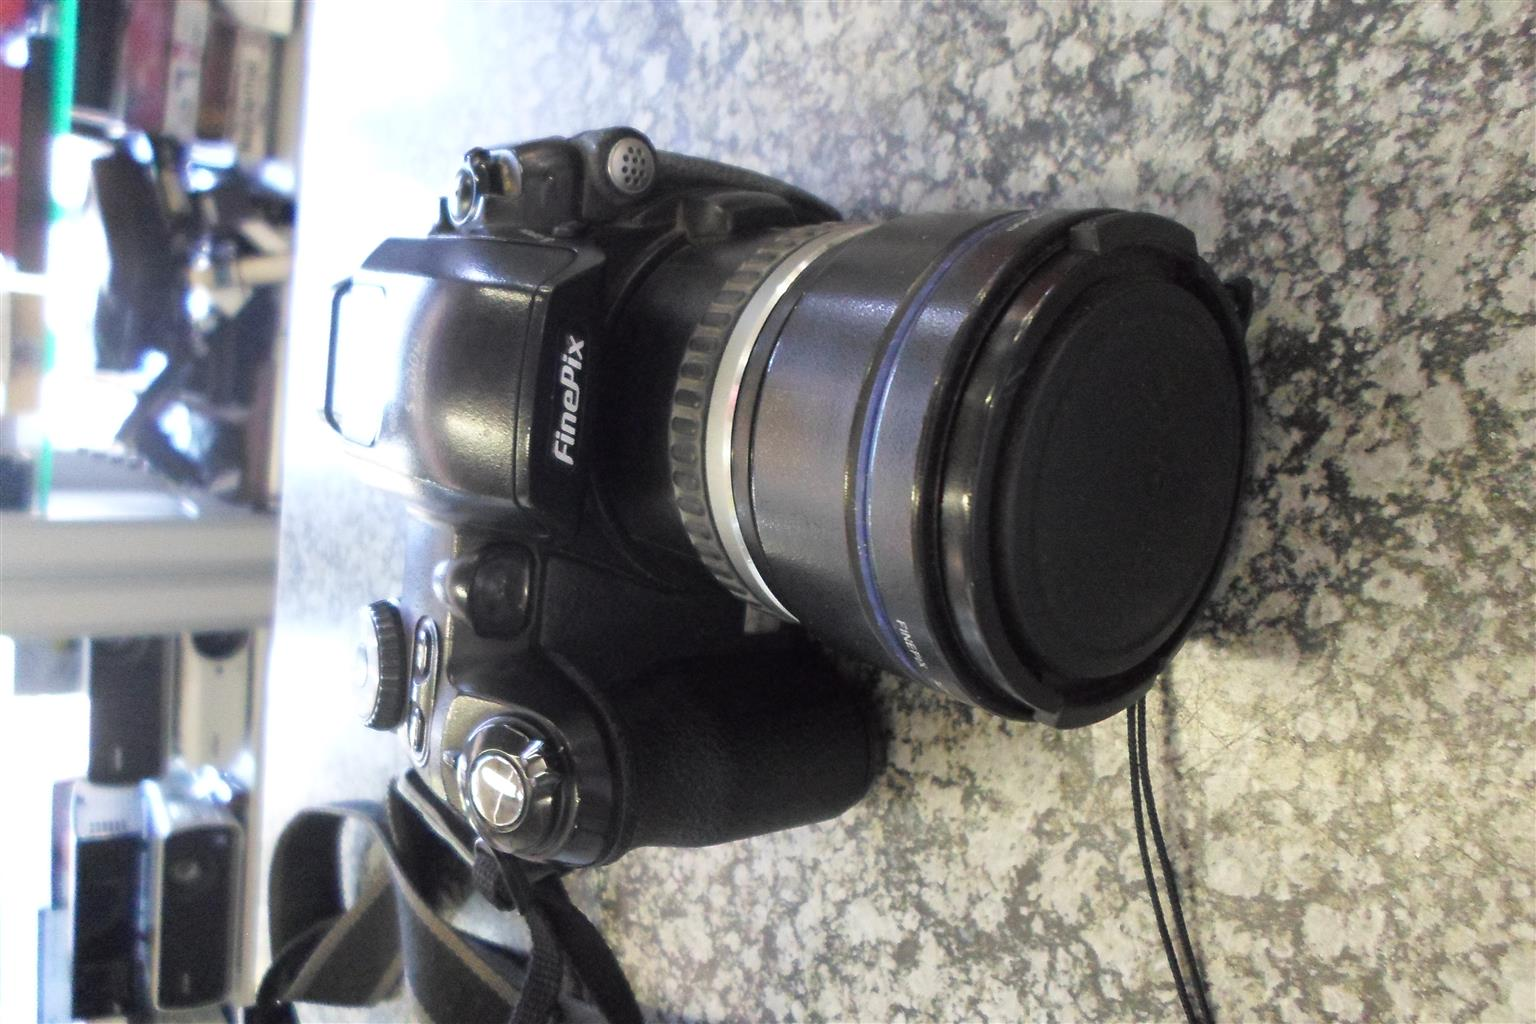 Fujifulm S5000 Finepix Digital Camera